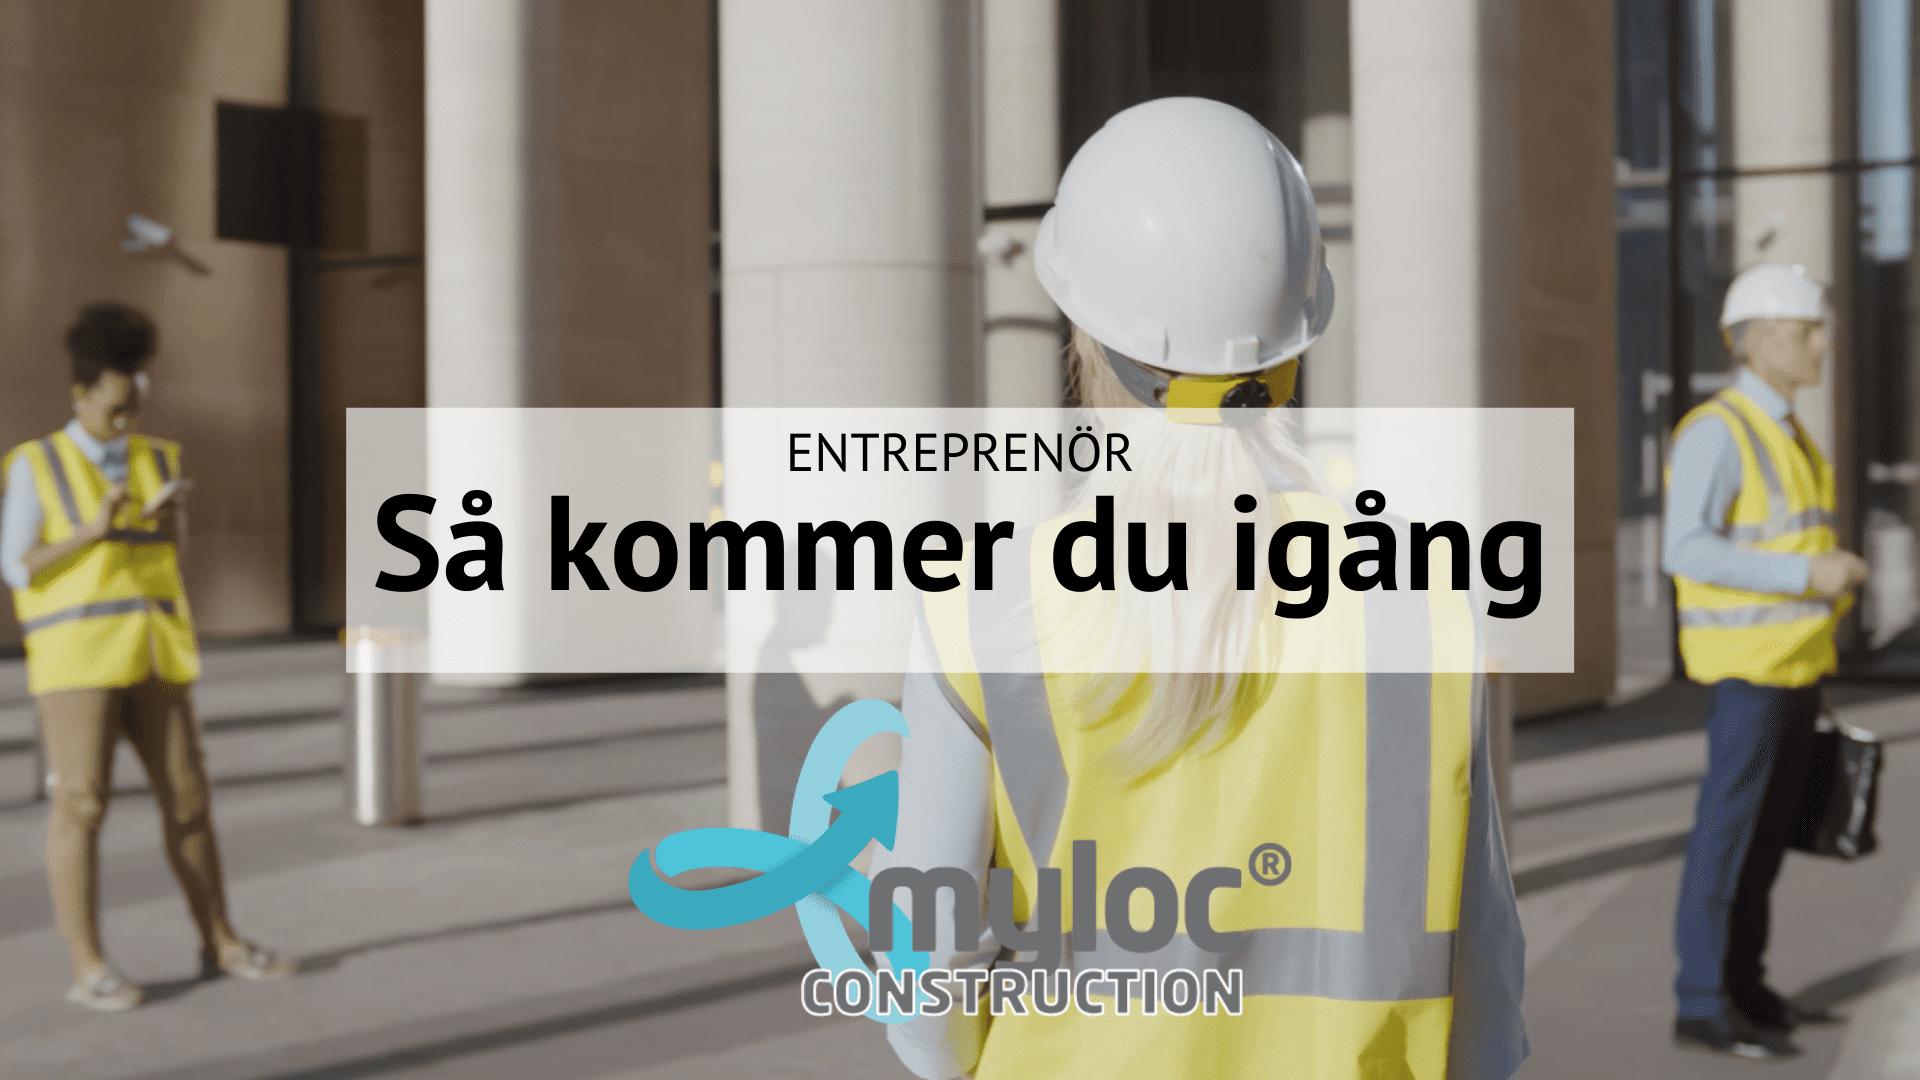 Entreprenör så kommer du igång myloc construction